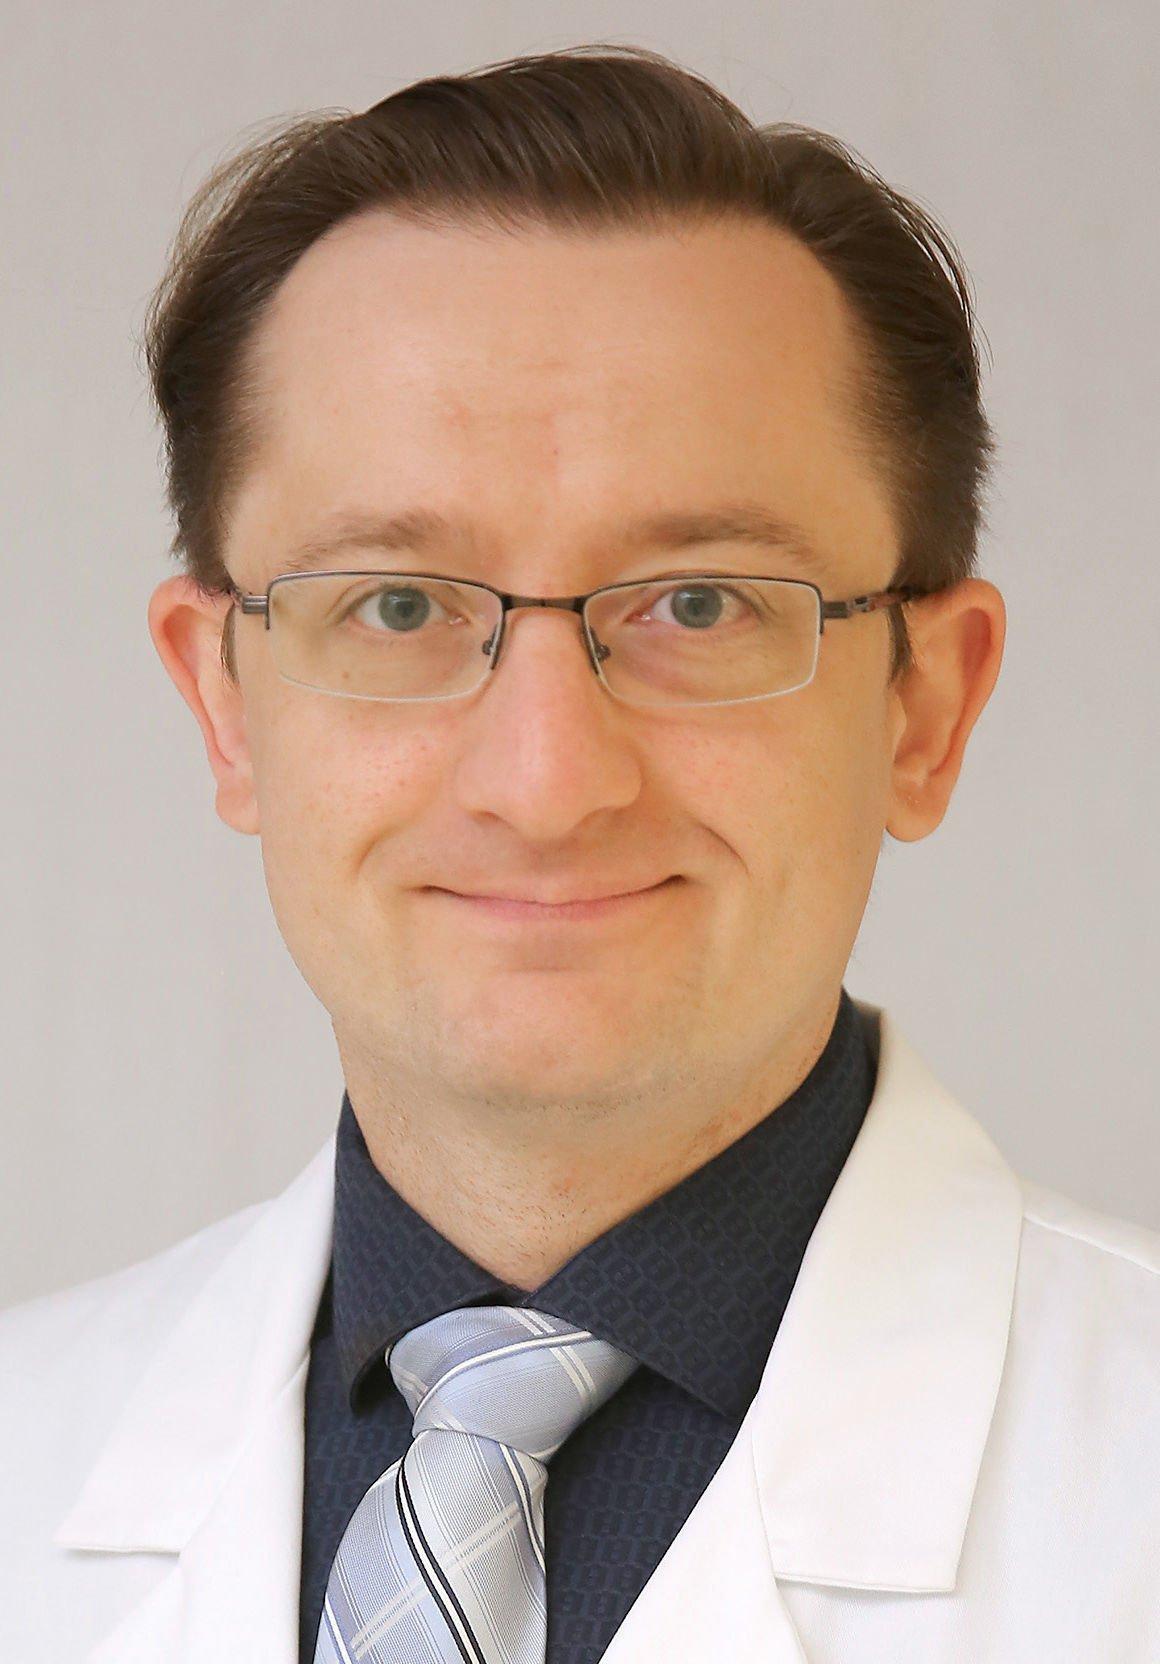 Dr. Mark Molkckovsky joins Lawrenceville Health Center